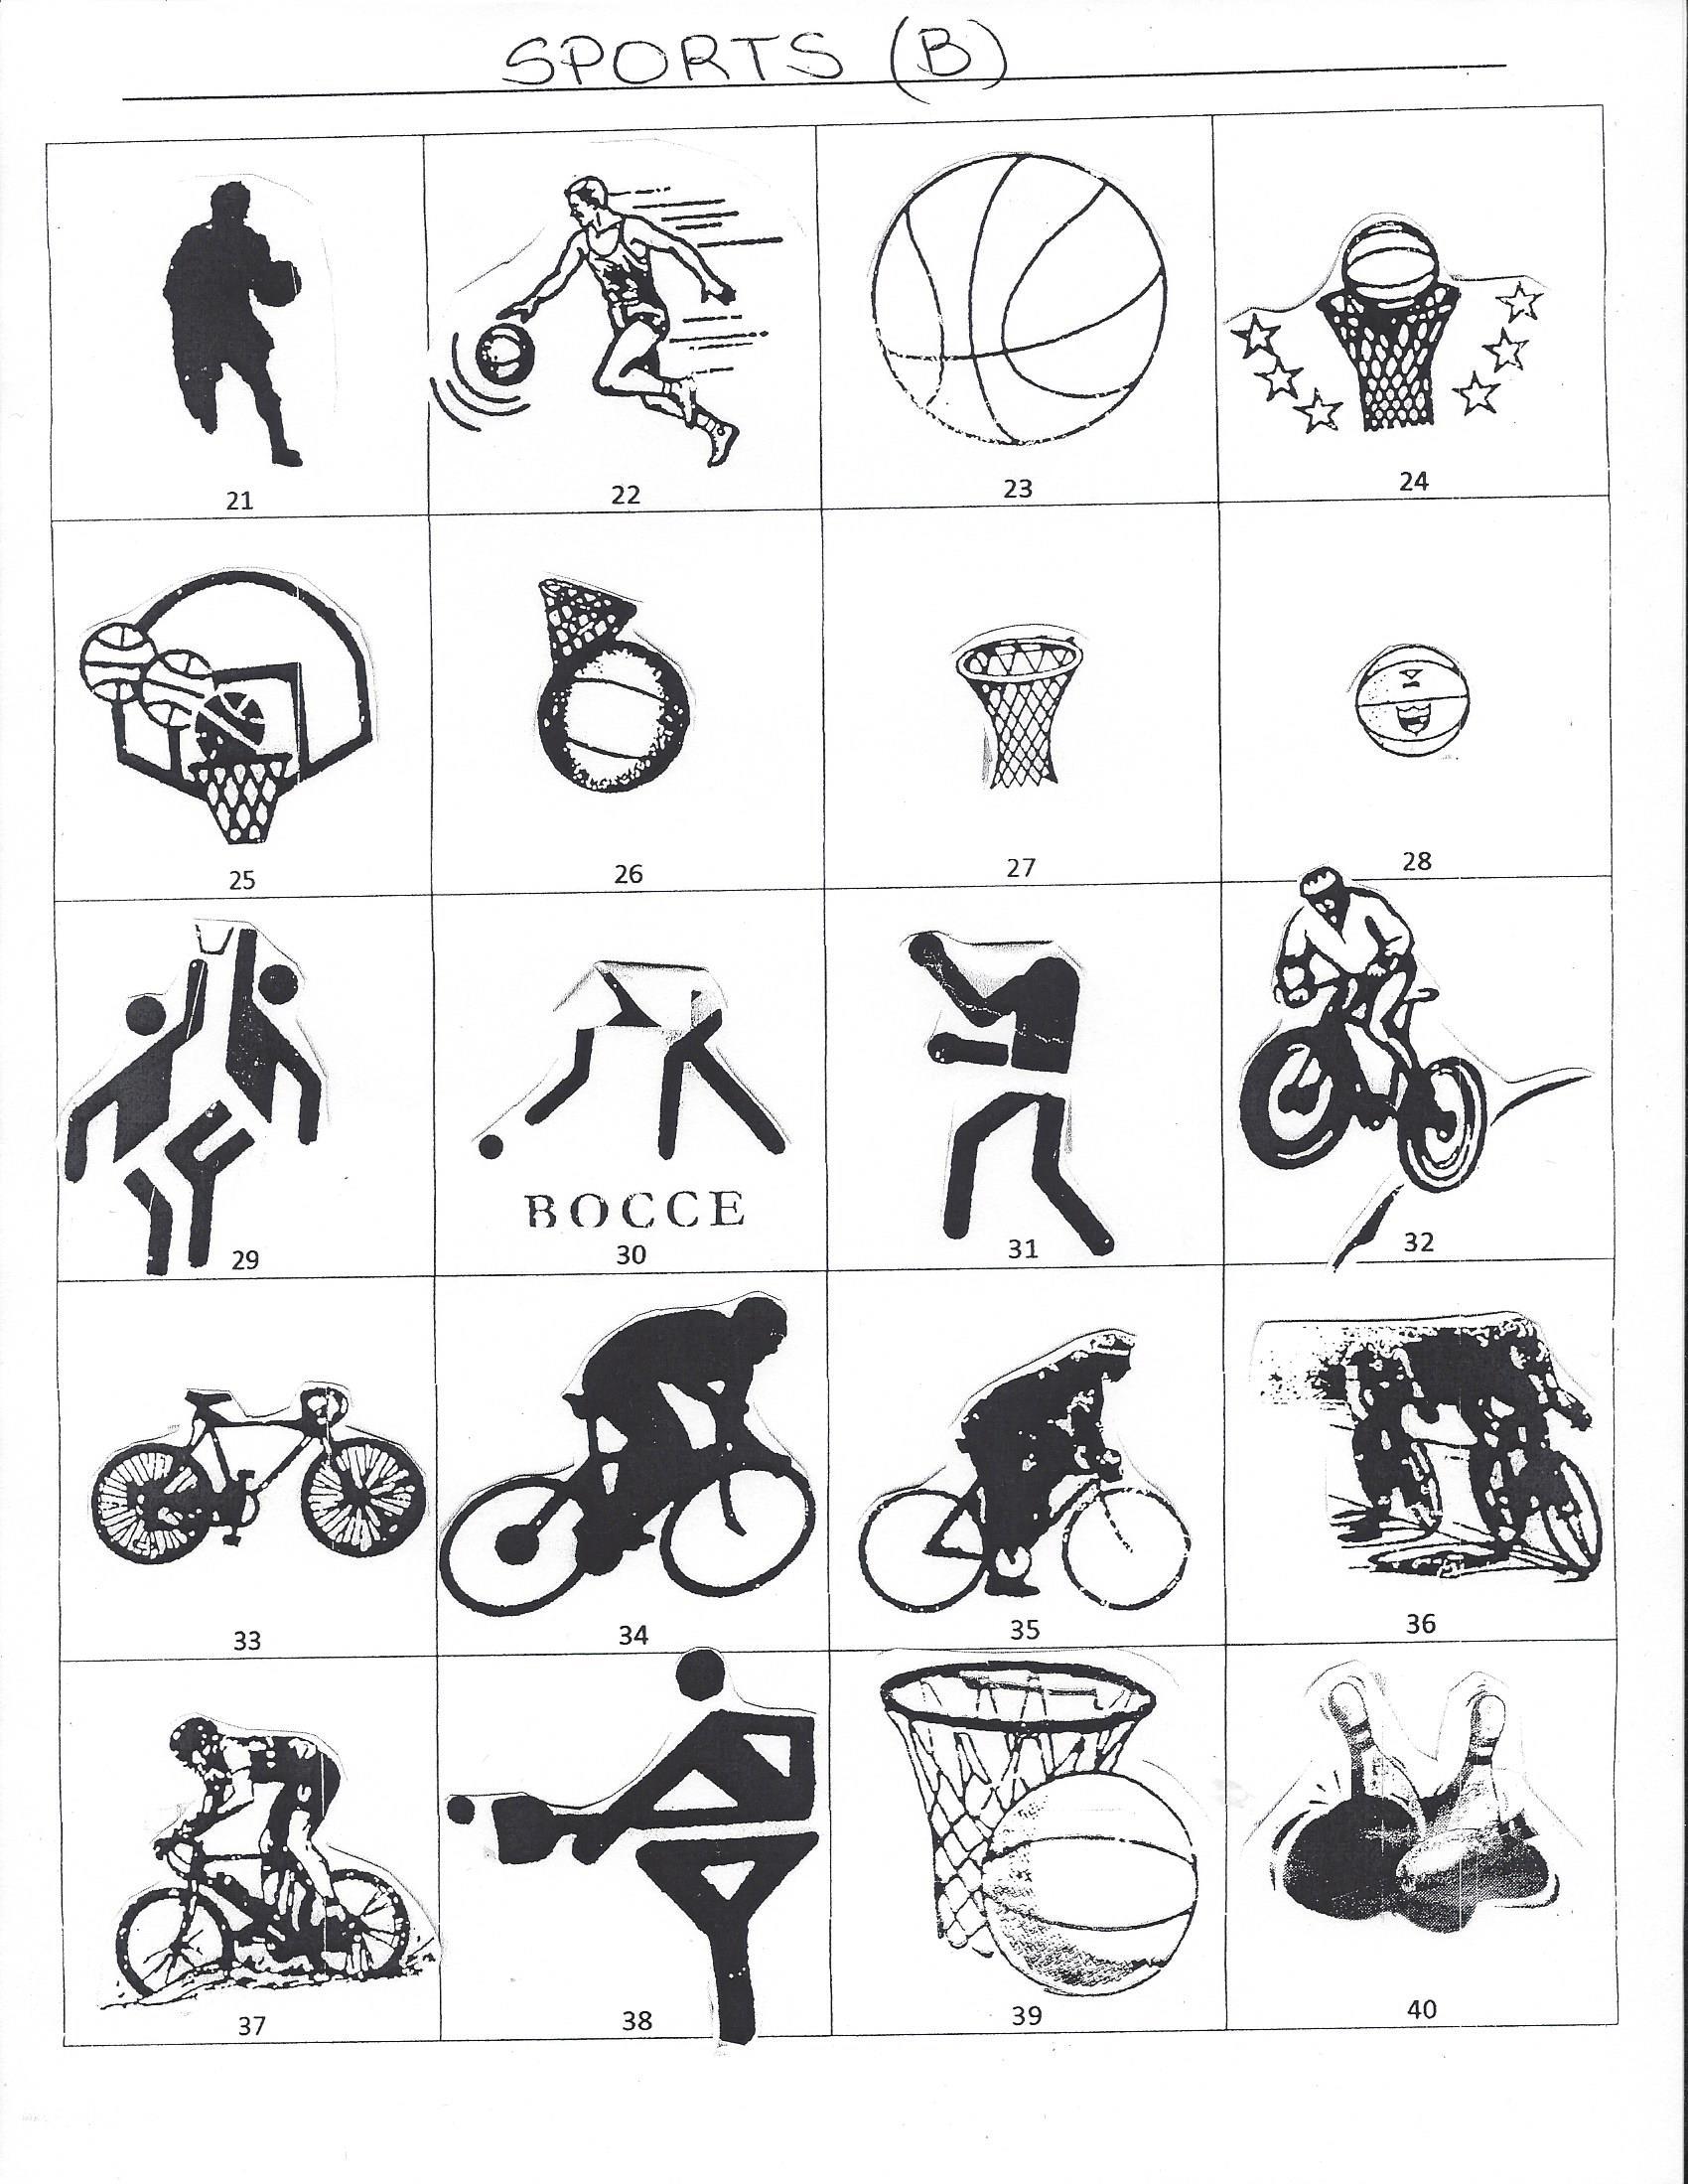 Sports B 2